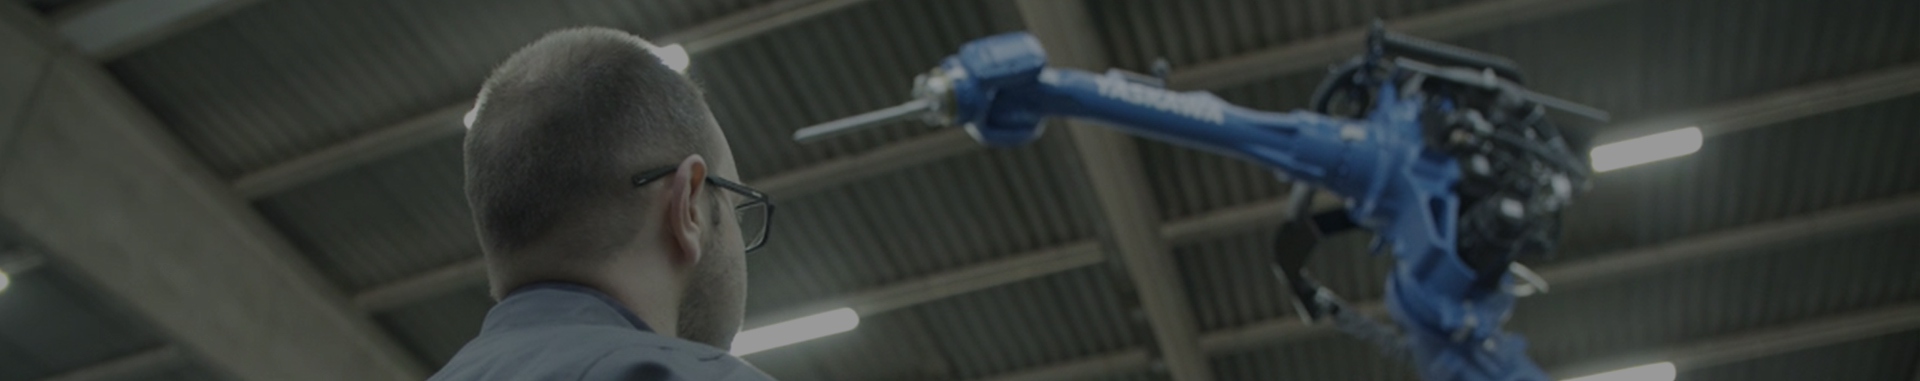 cerinnov robotics